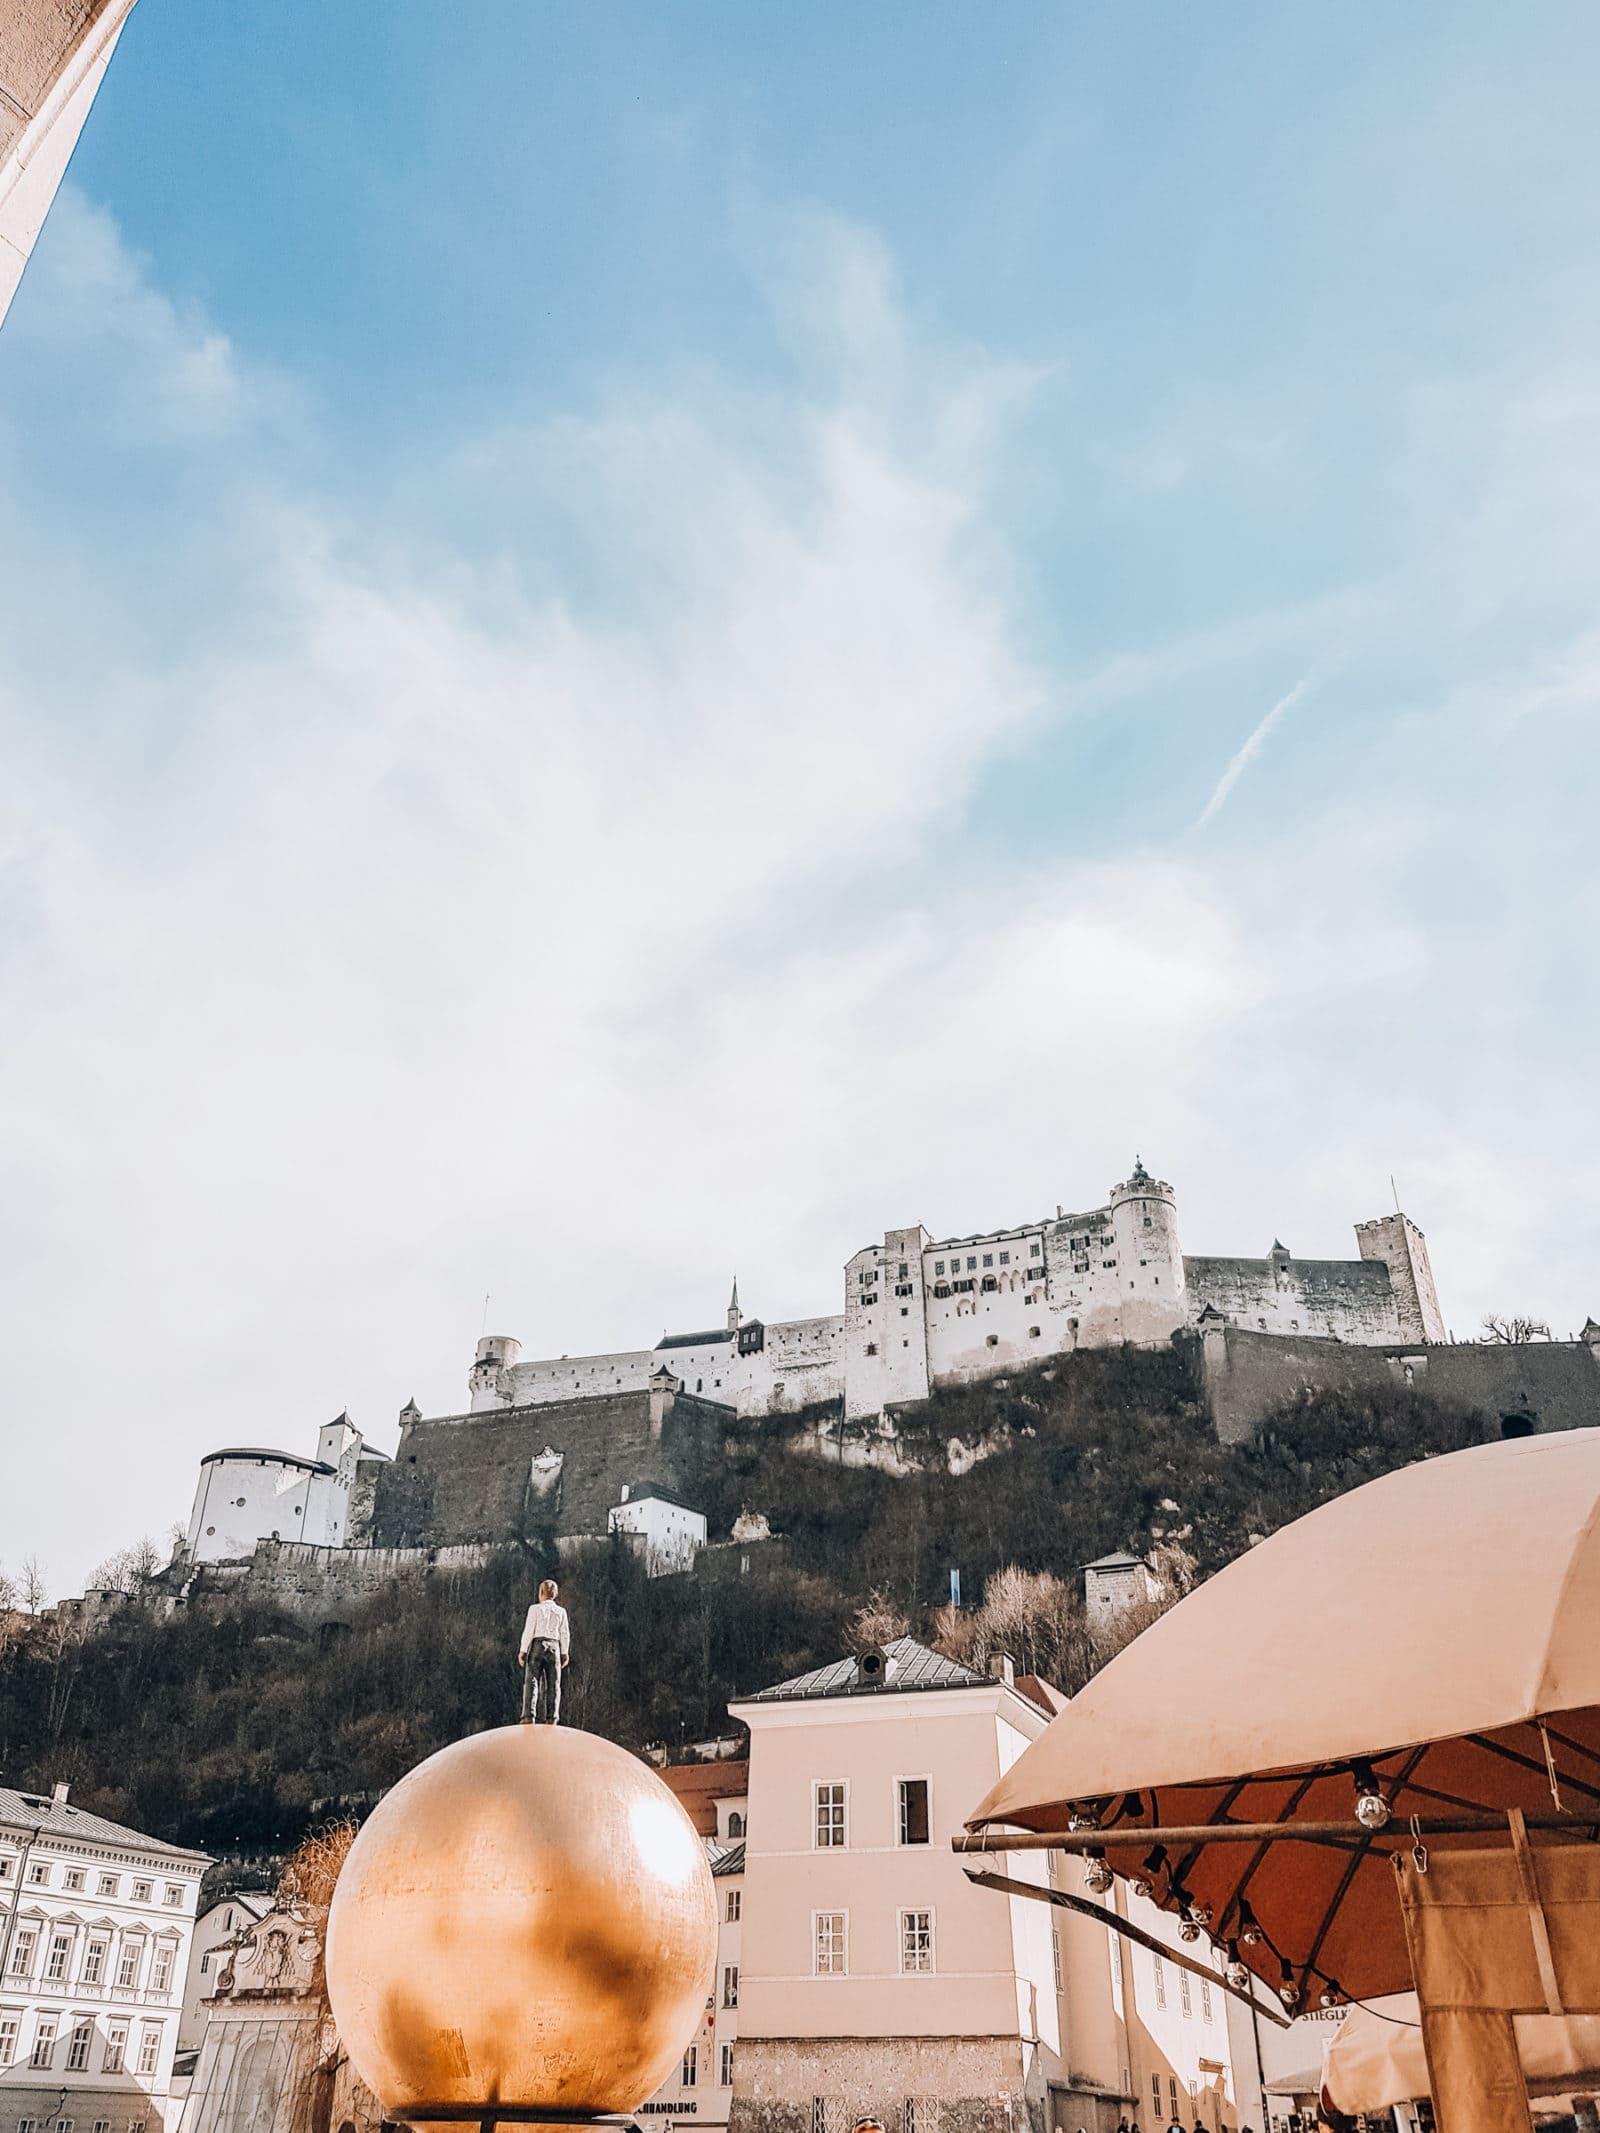 Skulptur Mann auf goldener Kugel in Salzburg vor Festung Hohensalzburg